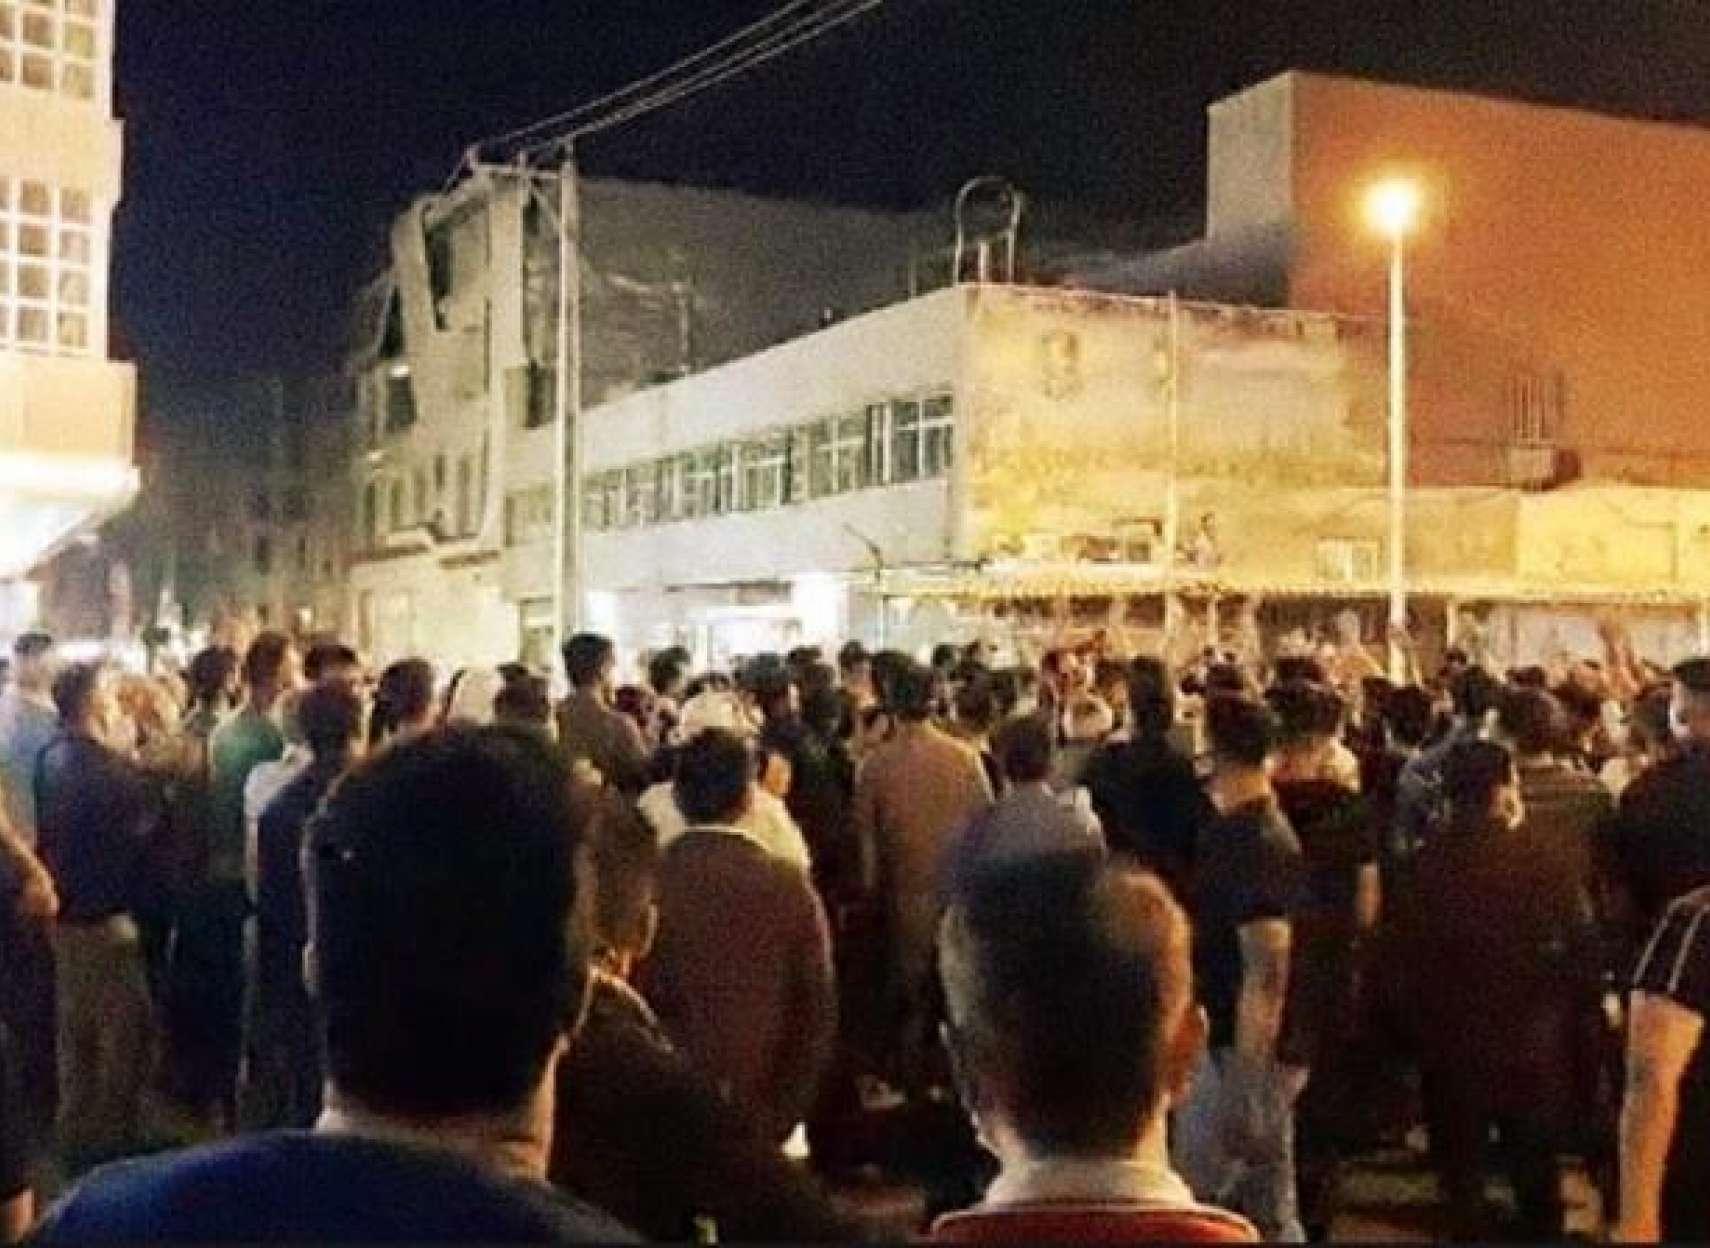 پیروزی اولیه با طوفان هشتگ اعدام ـ نکنید/ فیلم نارآمی در برخی شهرهای ایران